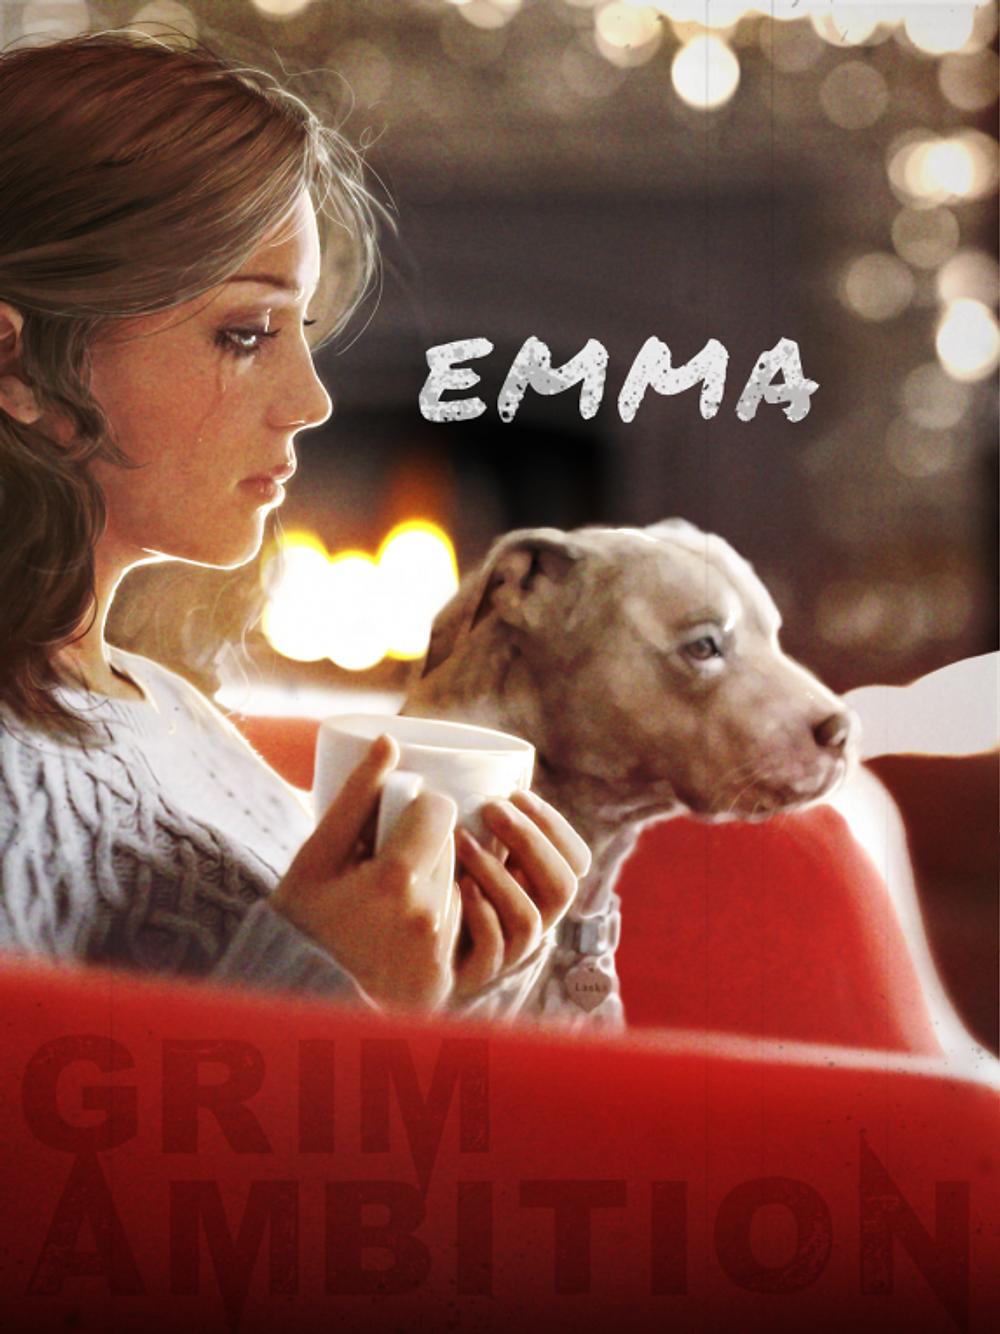 emma_name_title